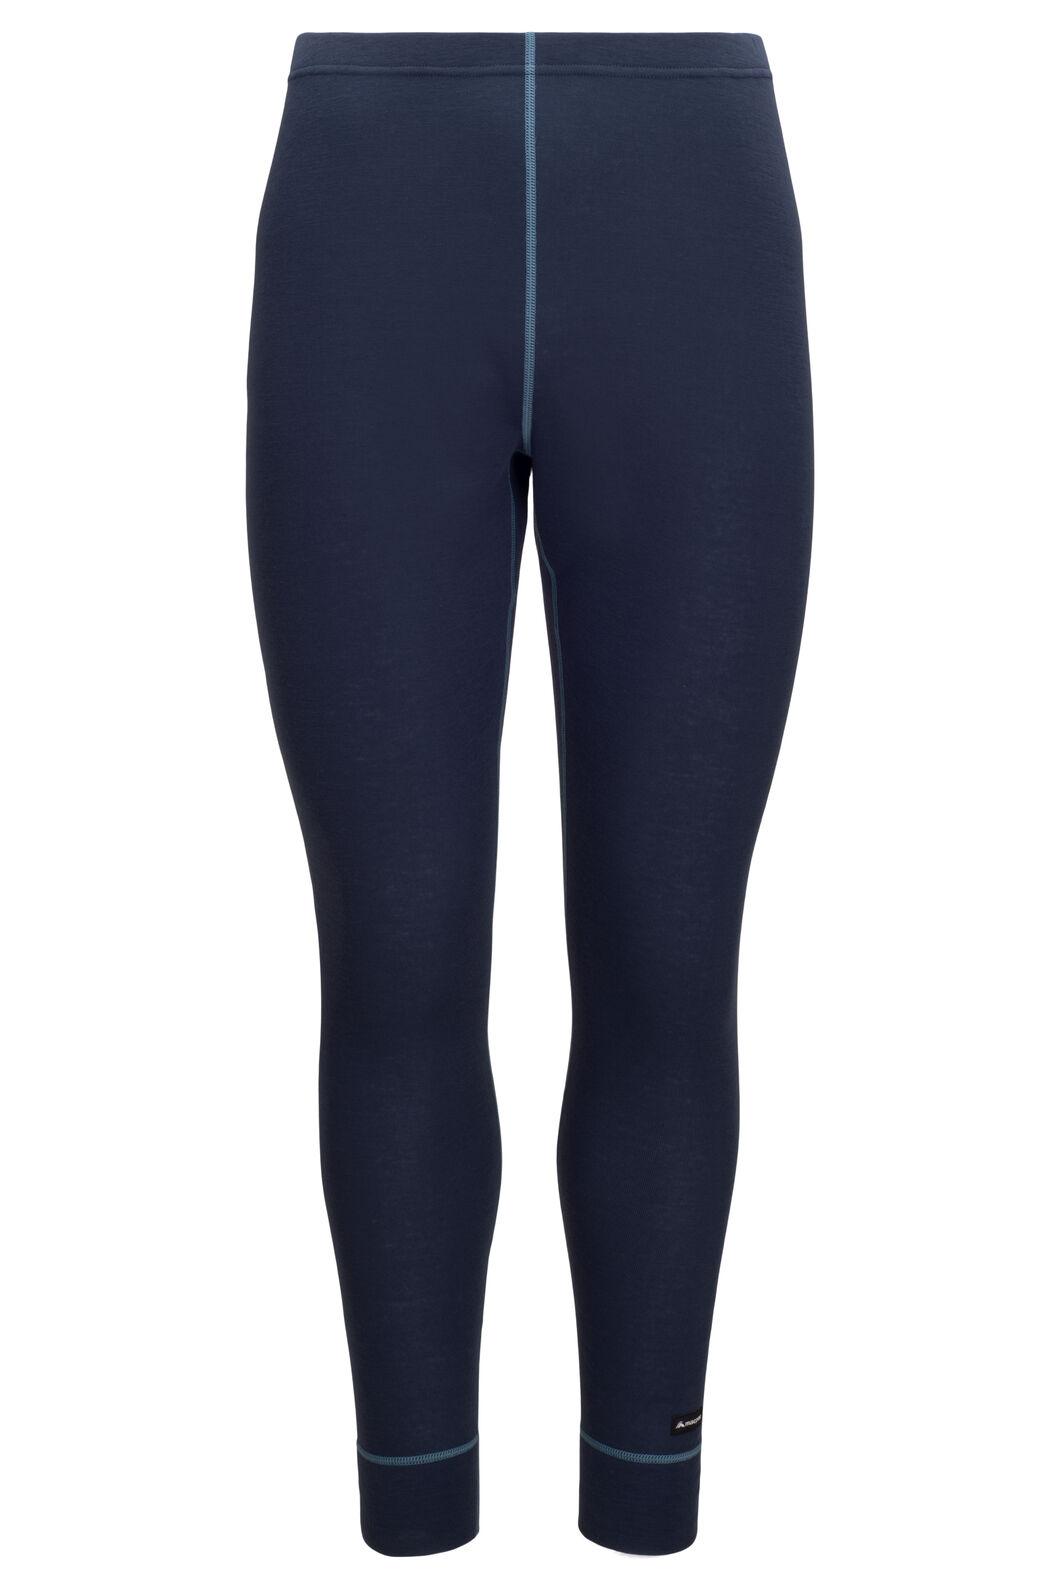 Macpac Men's Geothermal Pants, Black Iris, hi-res